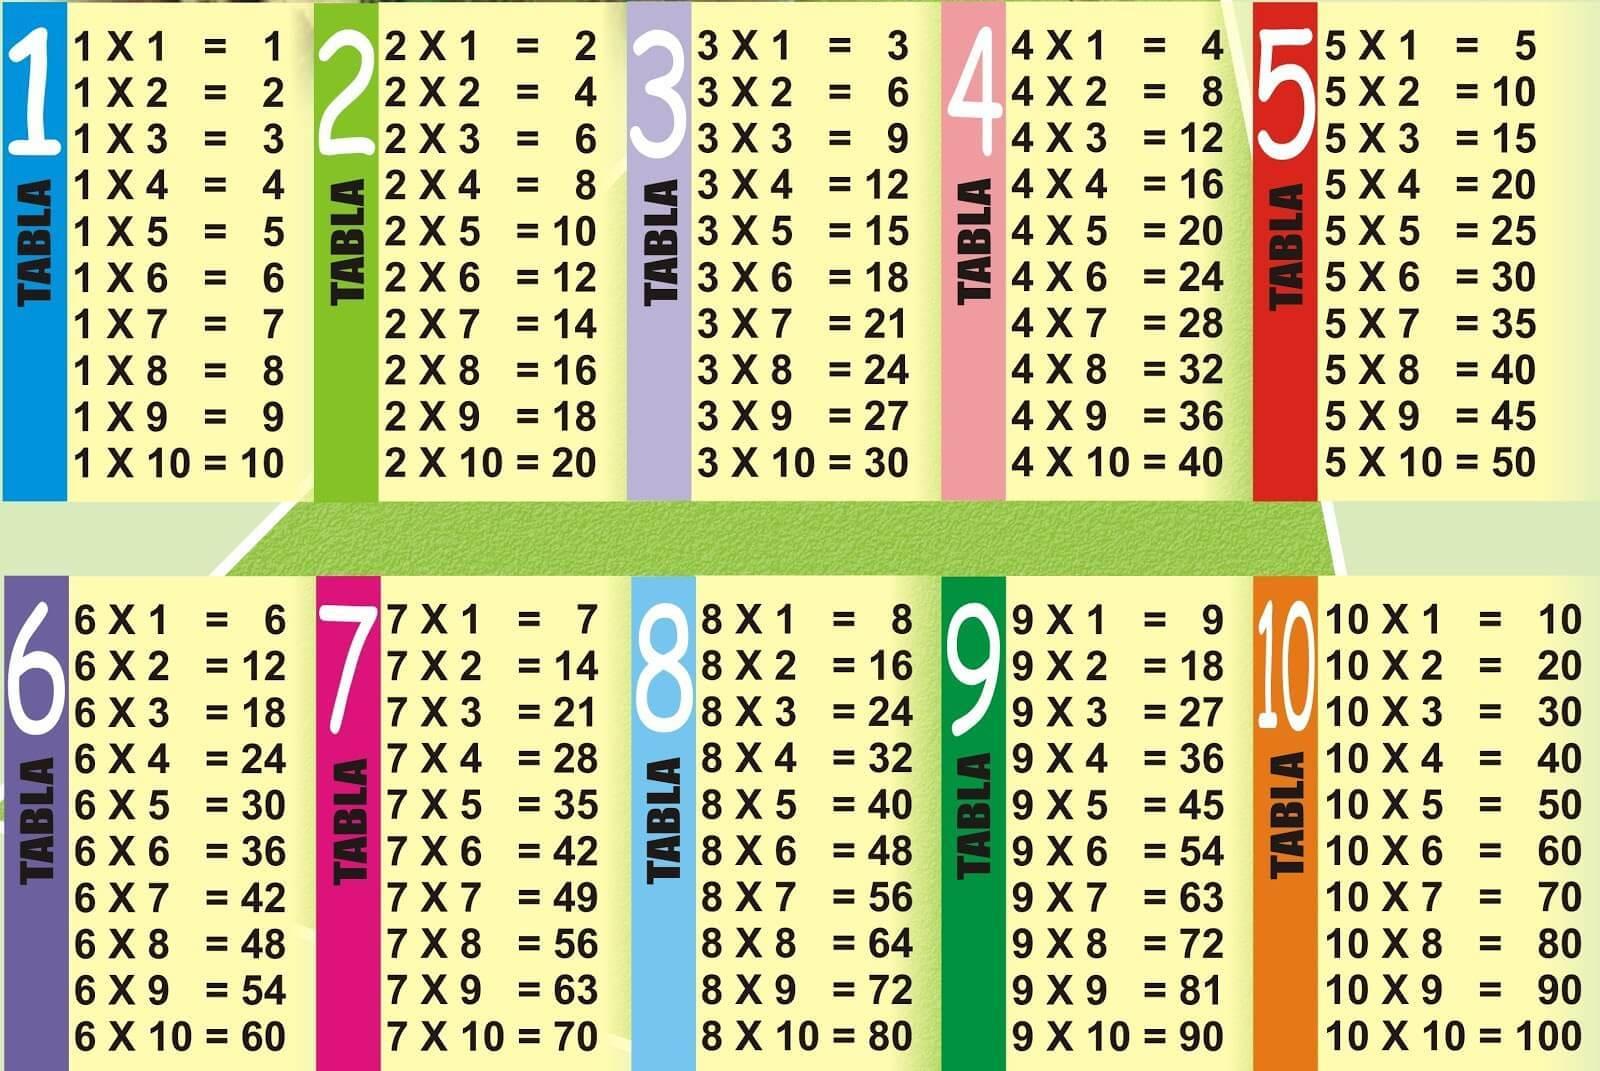 Juegos para Aprender y Practicar las Tablas de Multiplicar Online